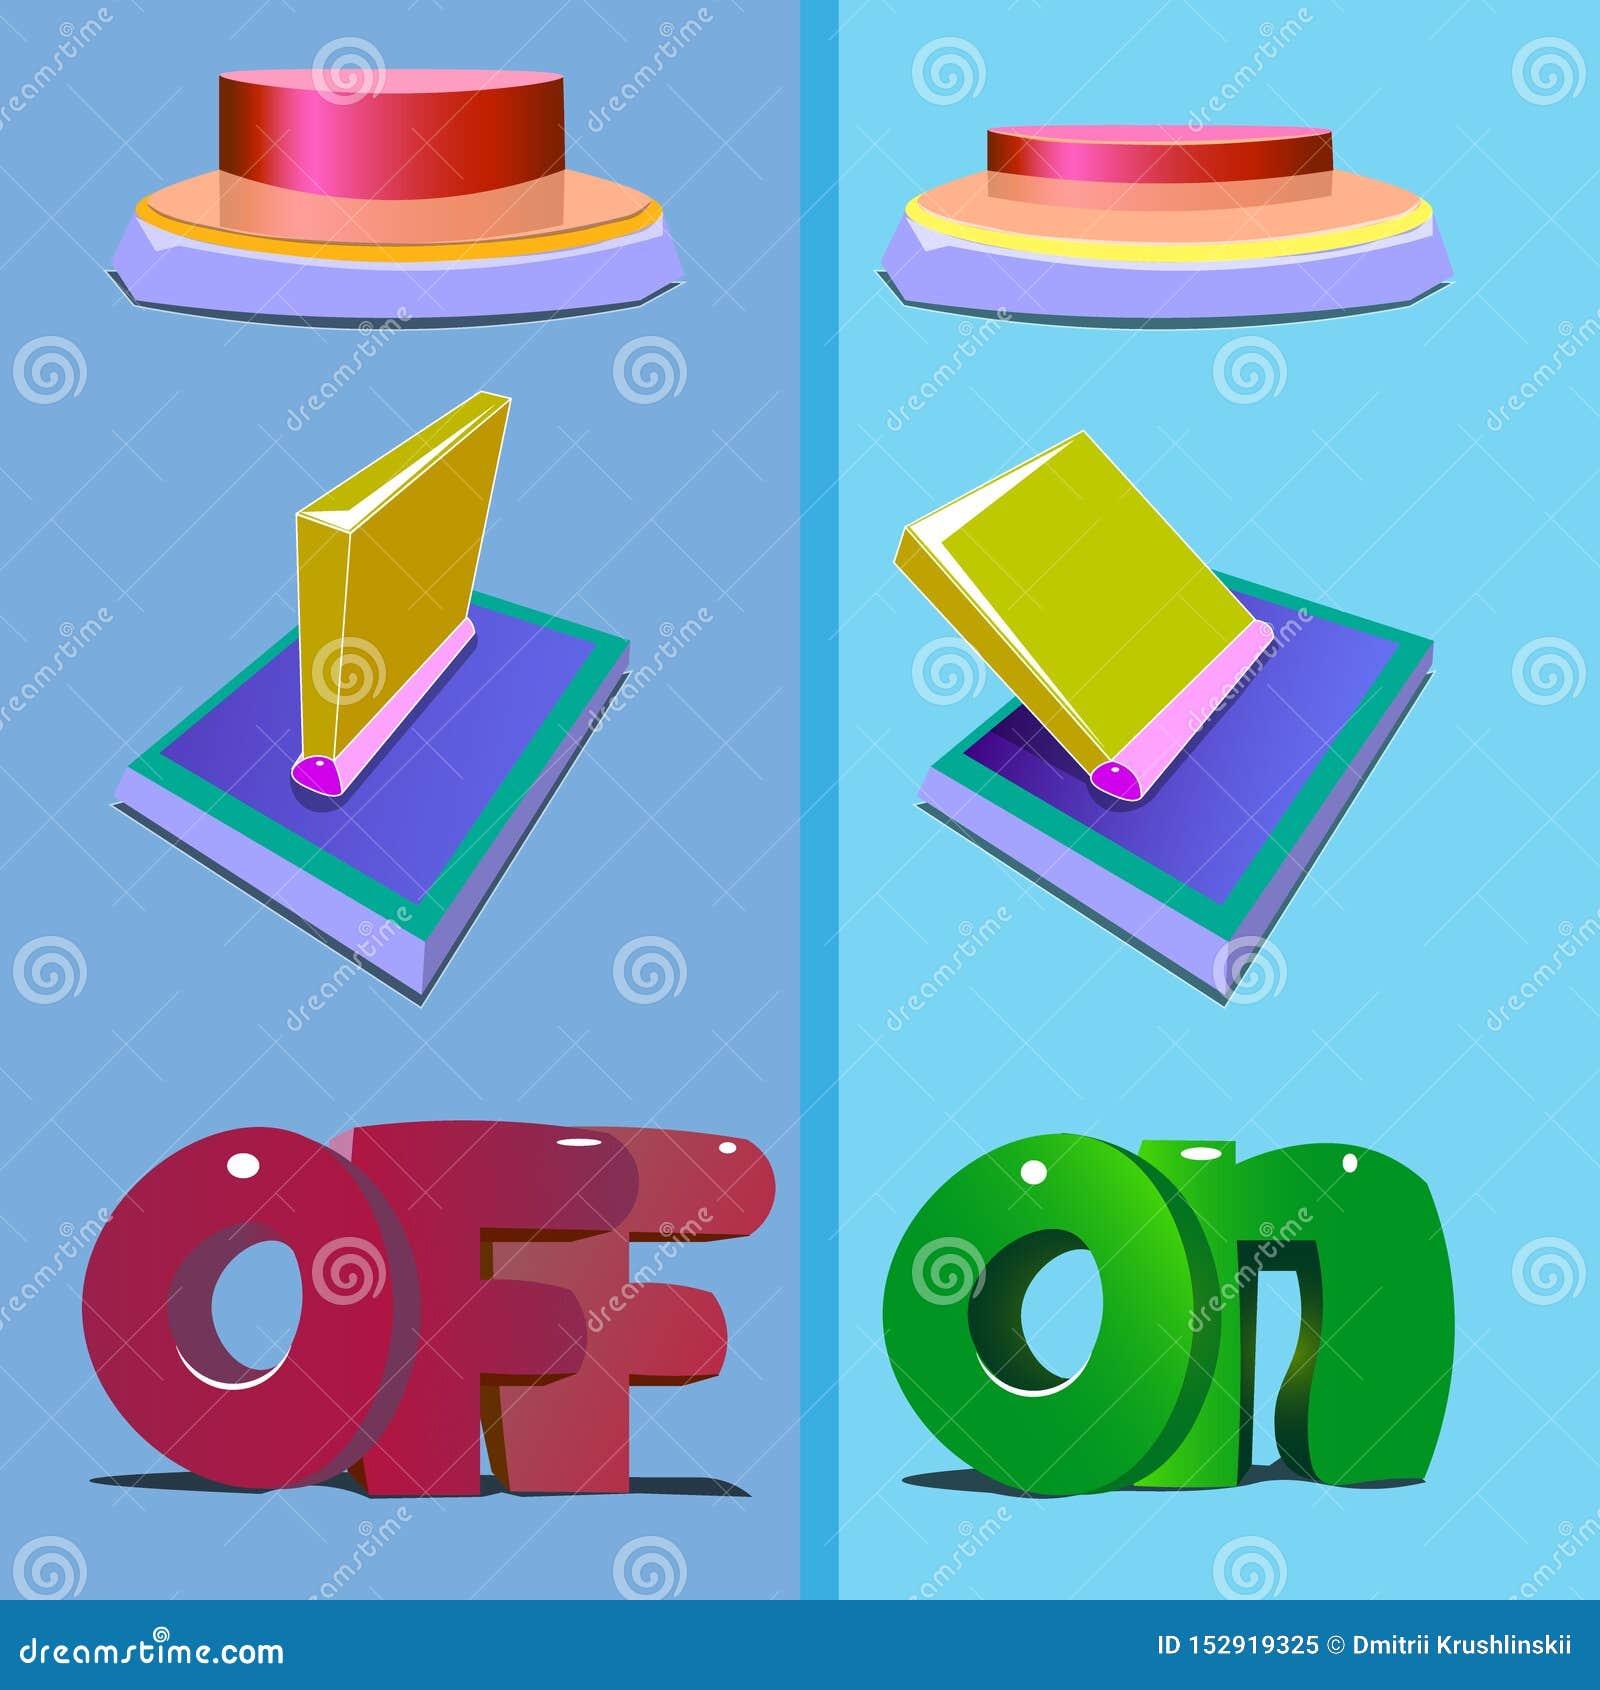 Το κουμπί απεικονίζεται σε δύο στάδια της συμπίεσης